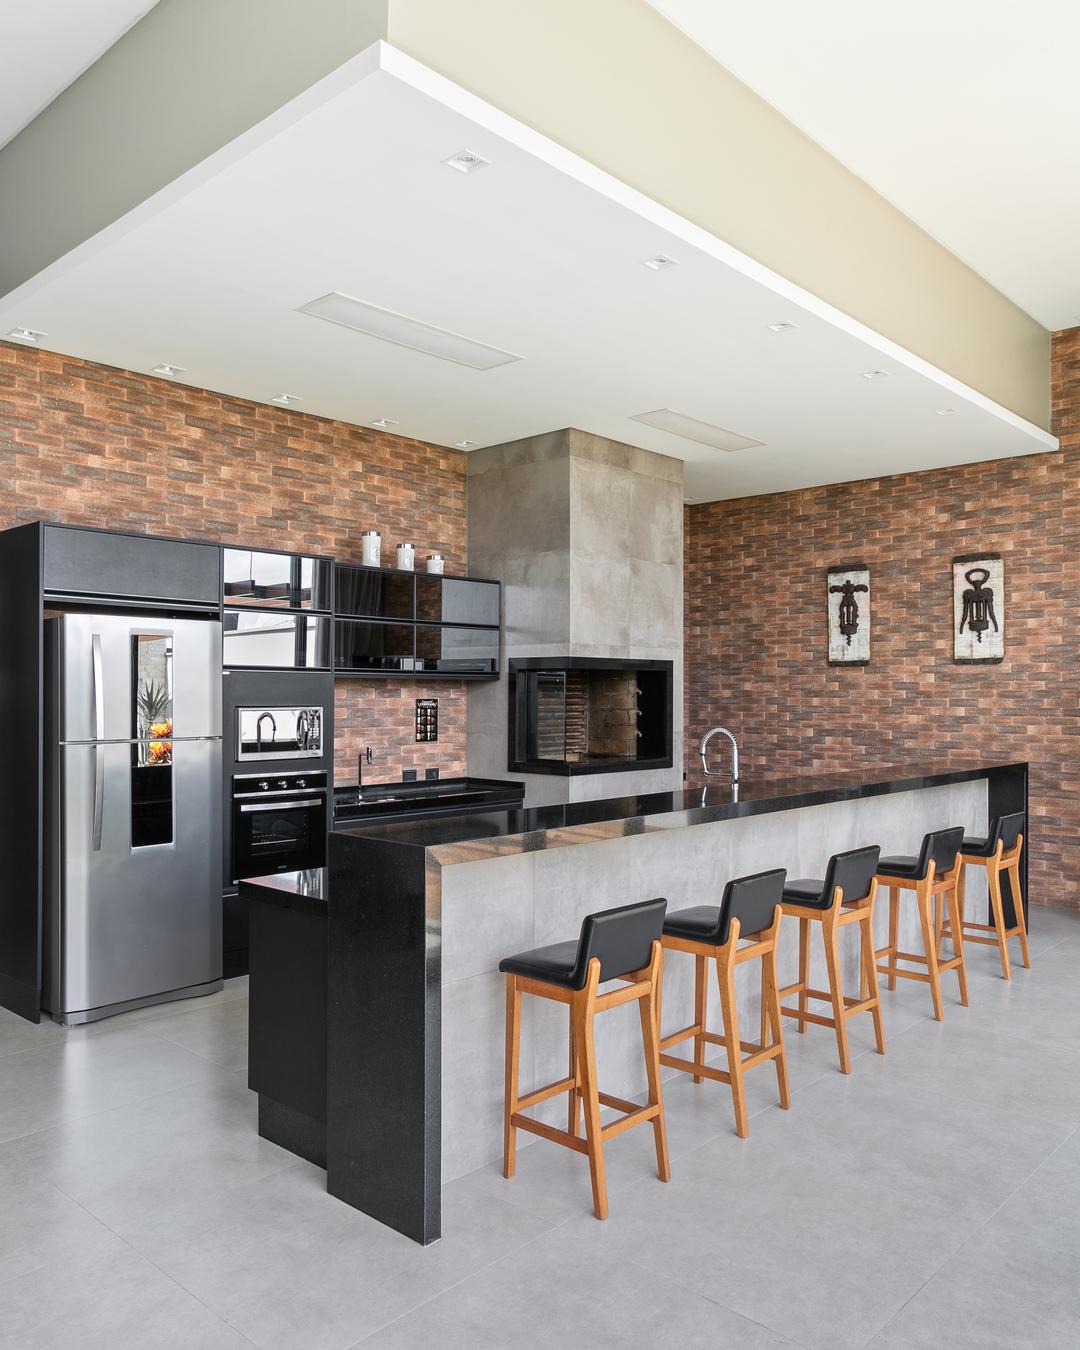 Fotos de decoração 2022 modernas e aconchegantes